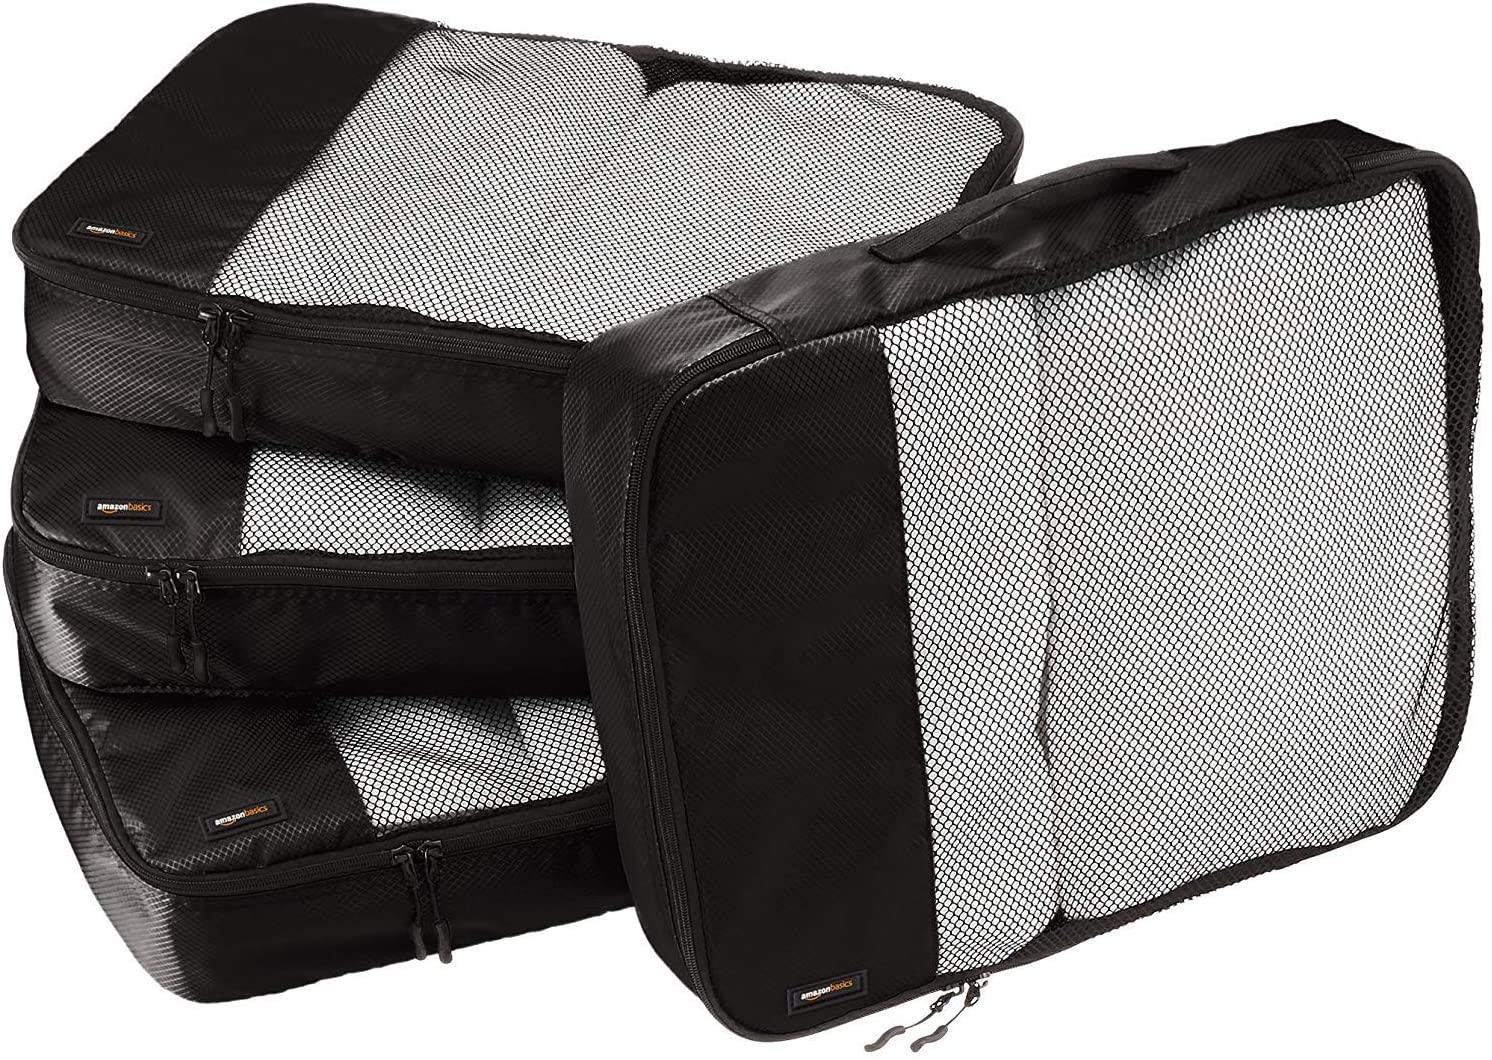 DHgateBasics 4 Piece Packing Travel Organizer Cubes Set - Large, Black